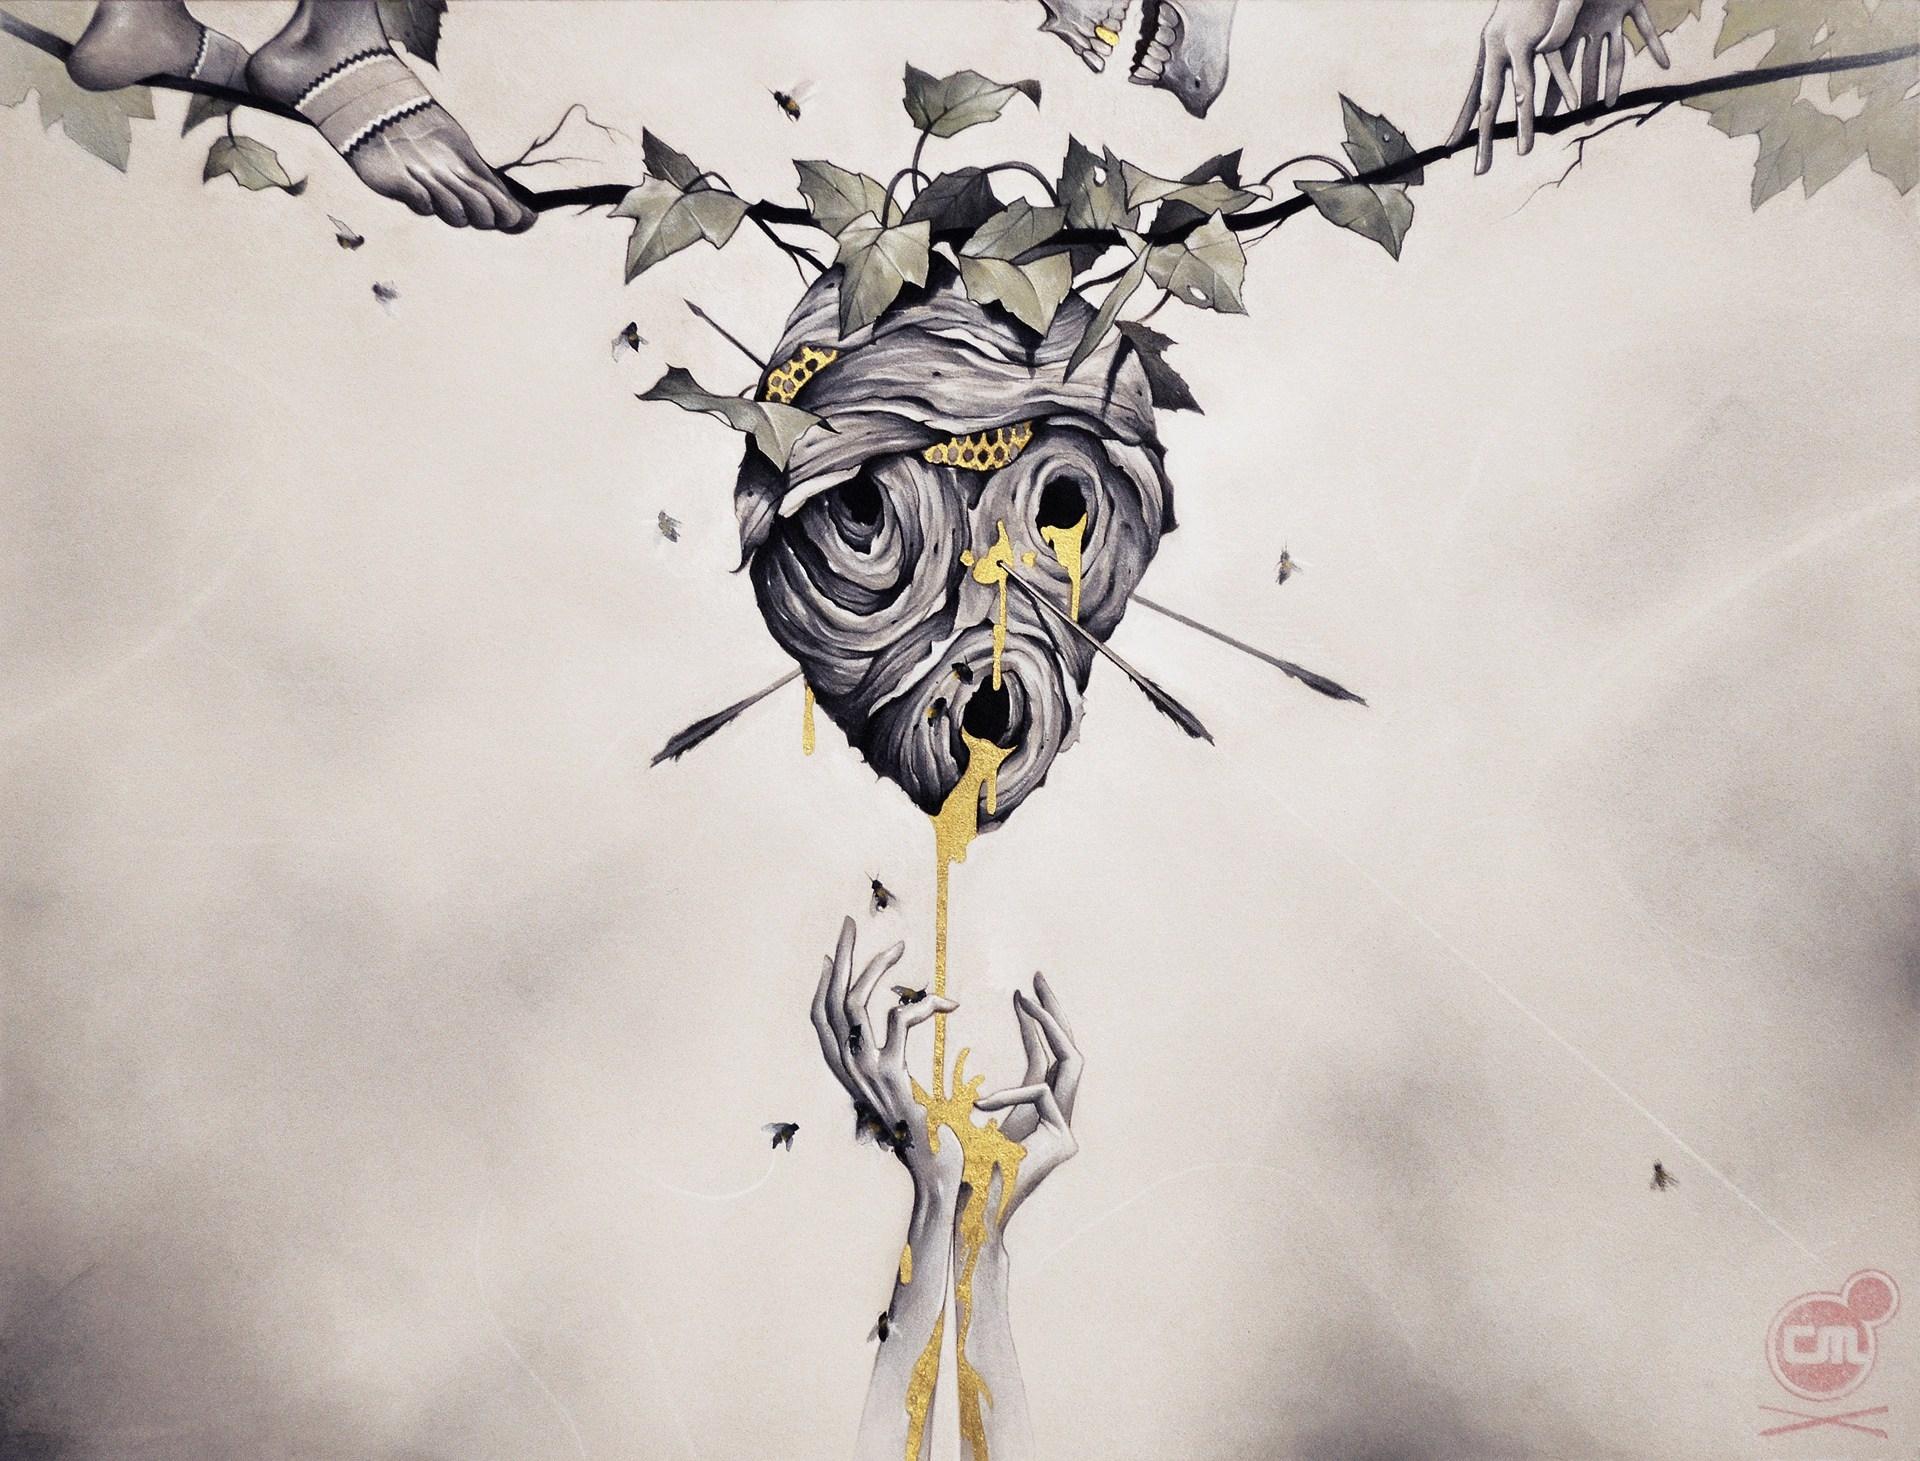 Между комиксами и граффити_ эклектичный талант Криса Б. Мюррея (11)